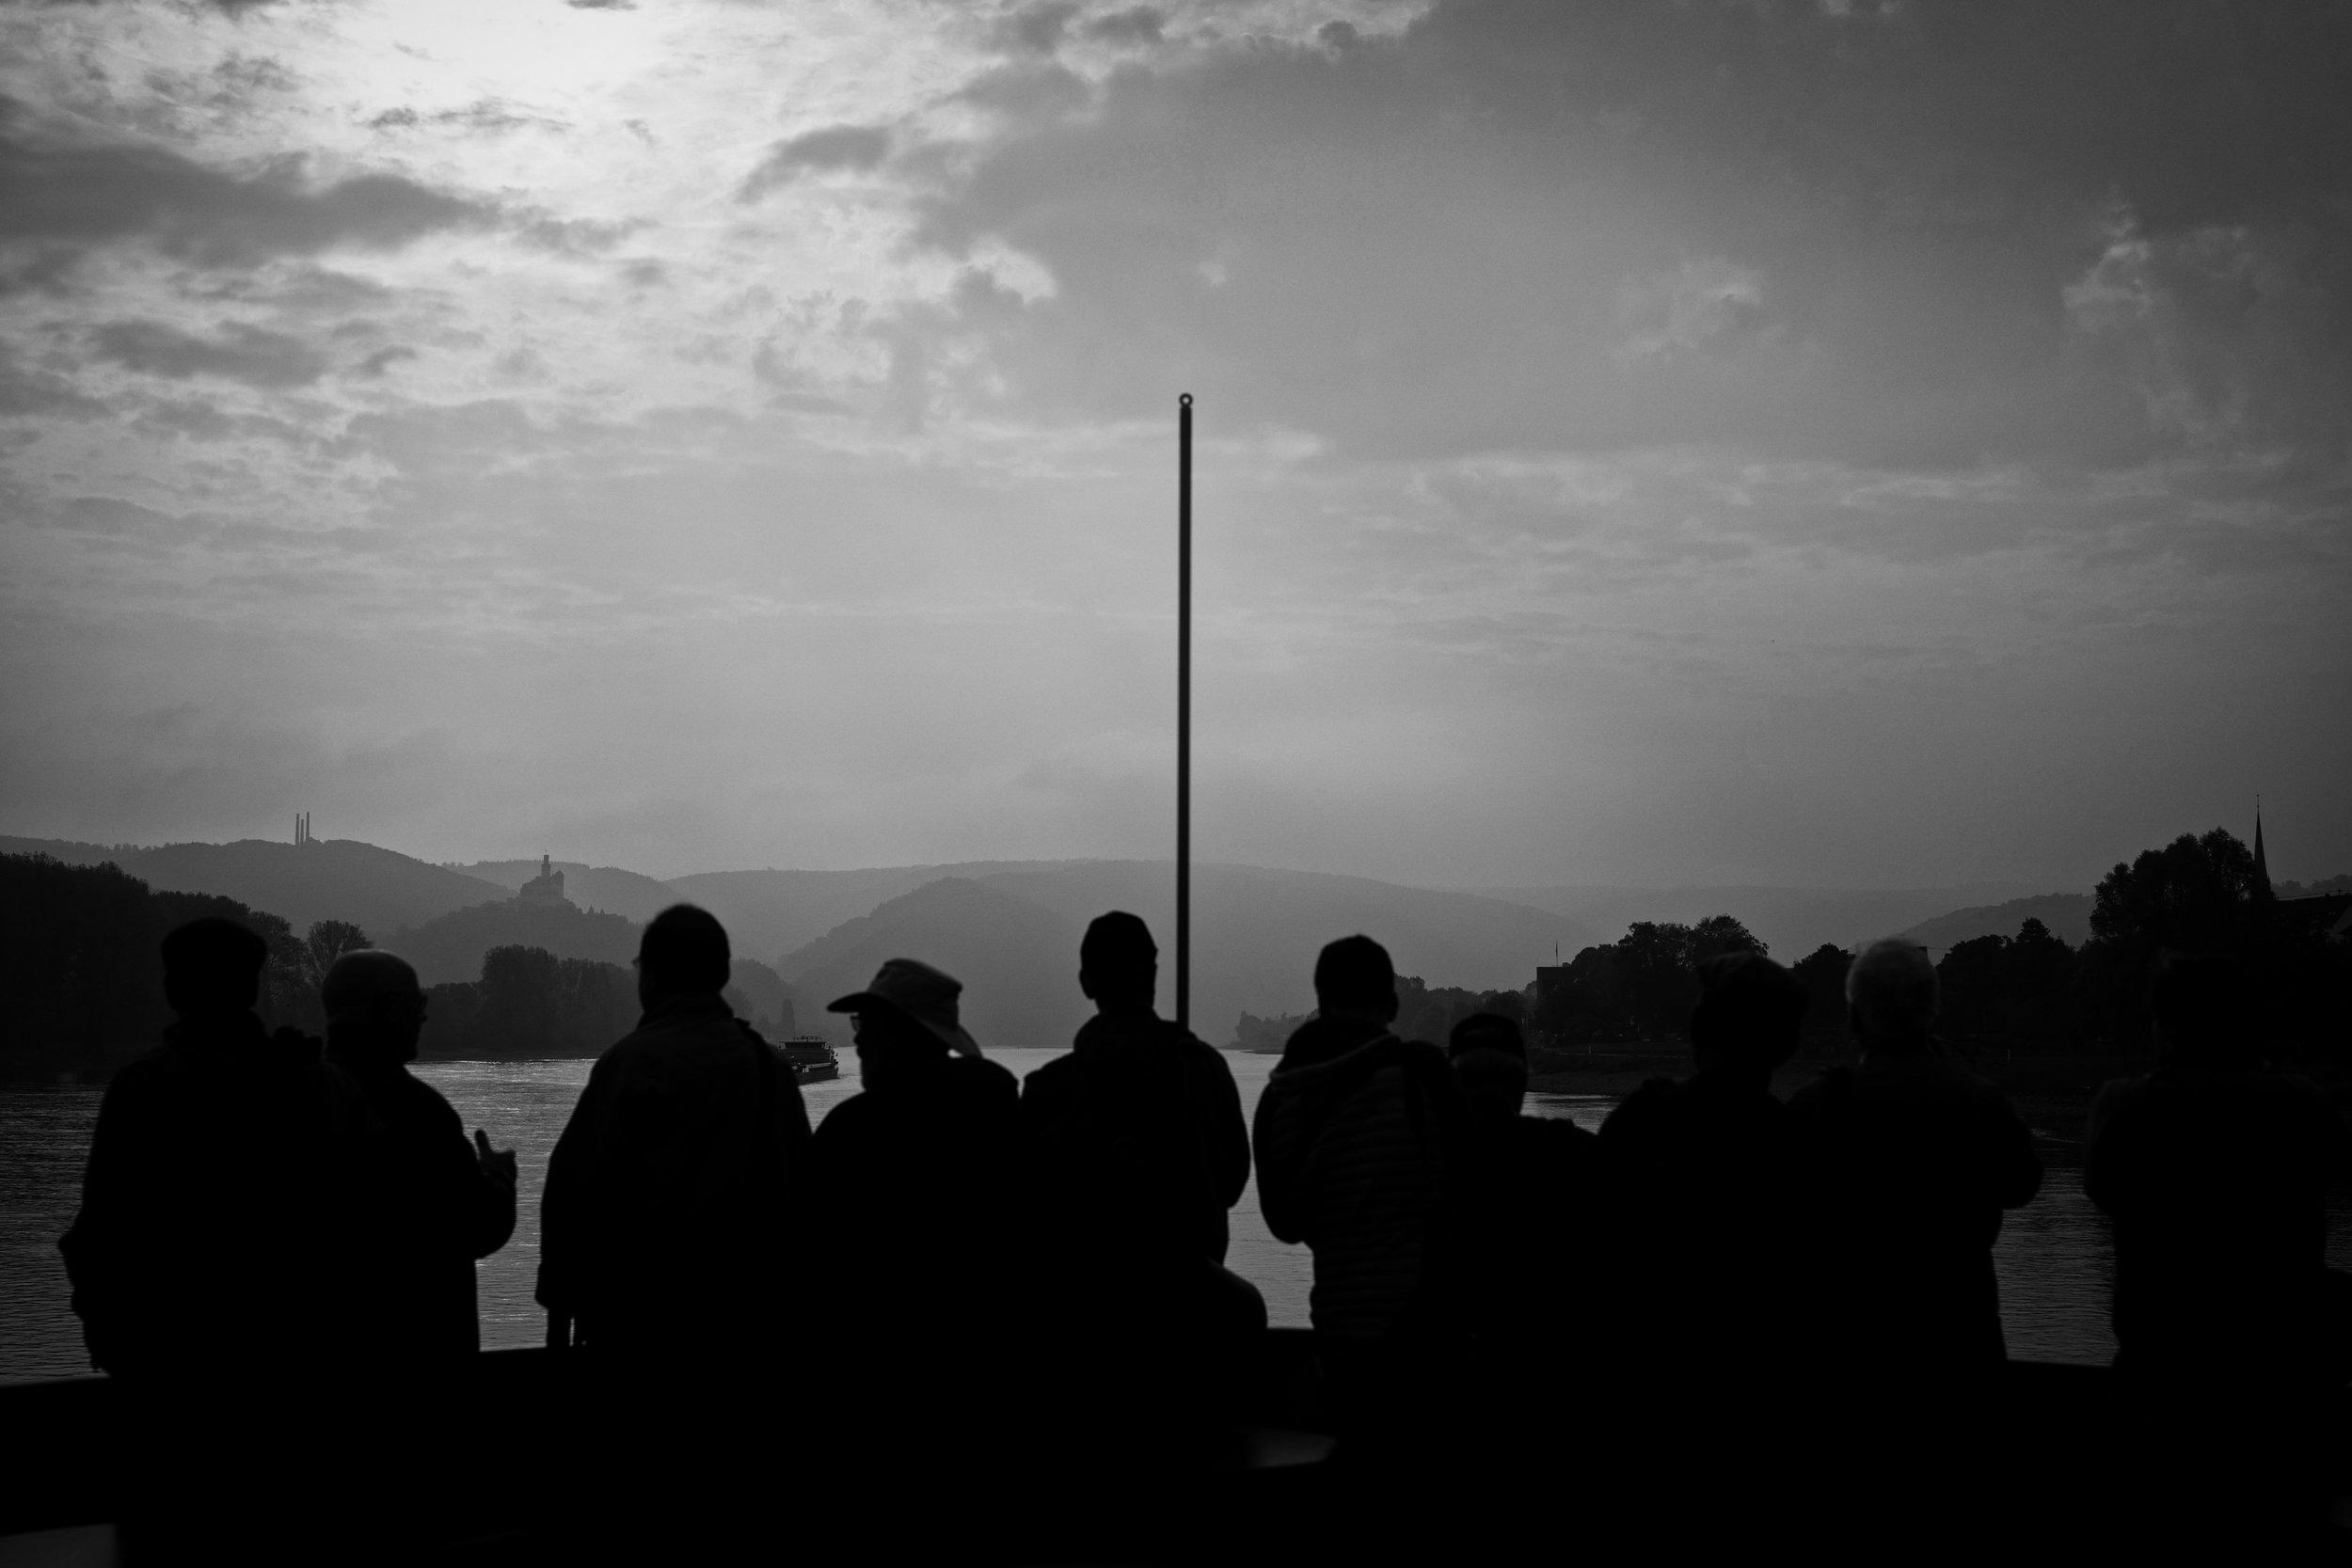 LHSA on the Rhine Rhine River, Germany Leica SL 50mm f/2.0 APO Summicron © Keith R. Sbiral, 2018